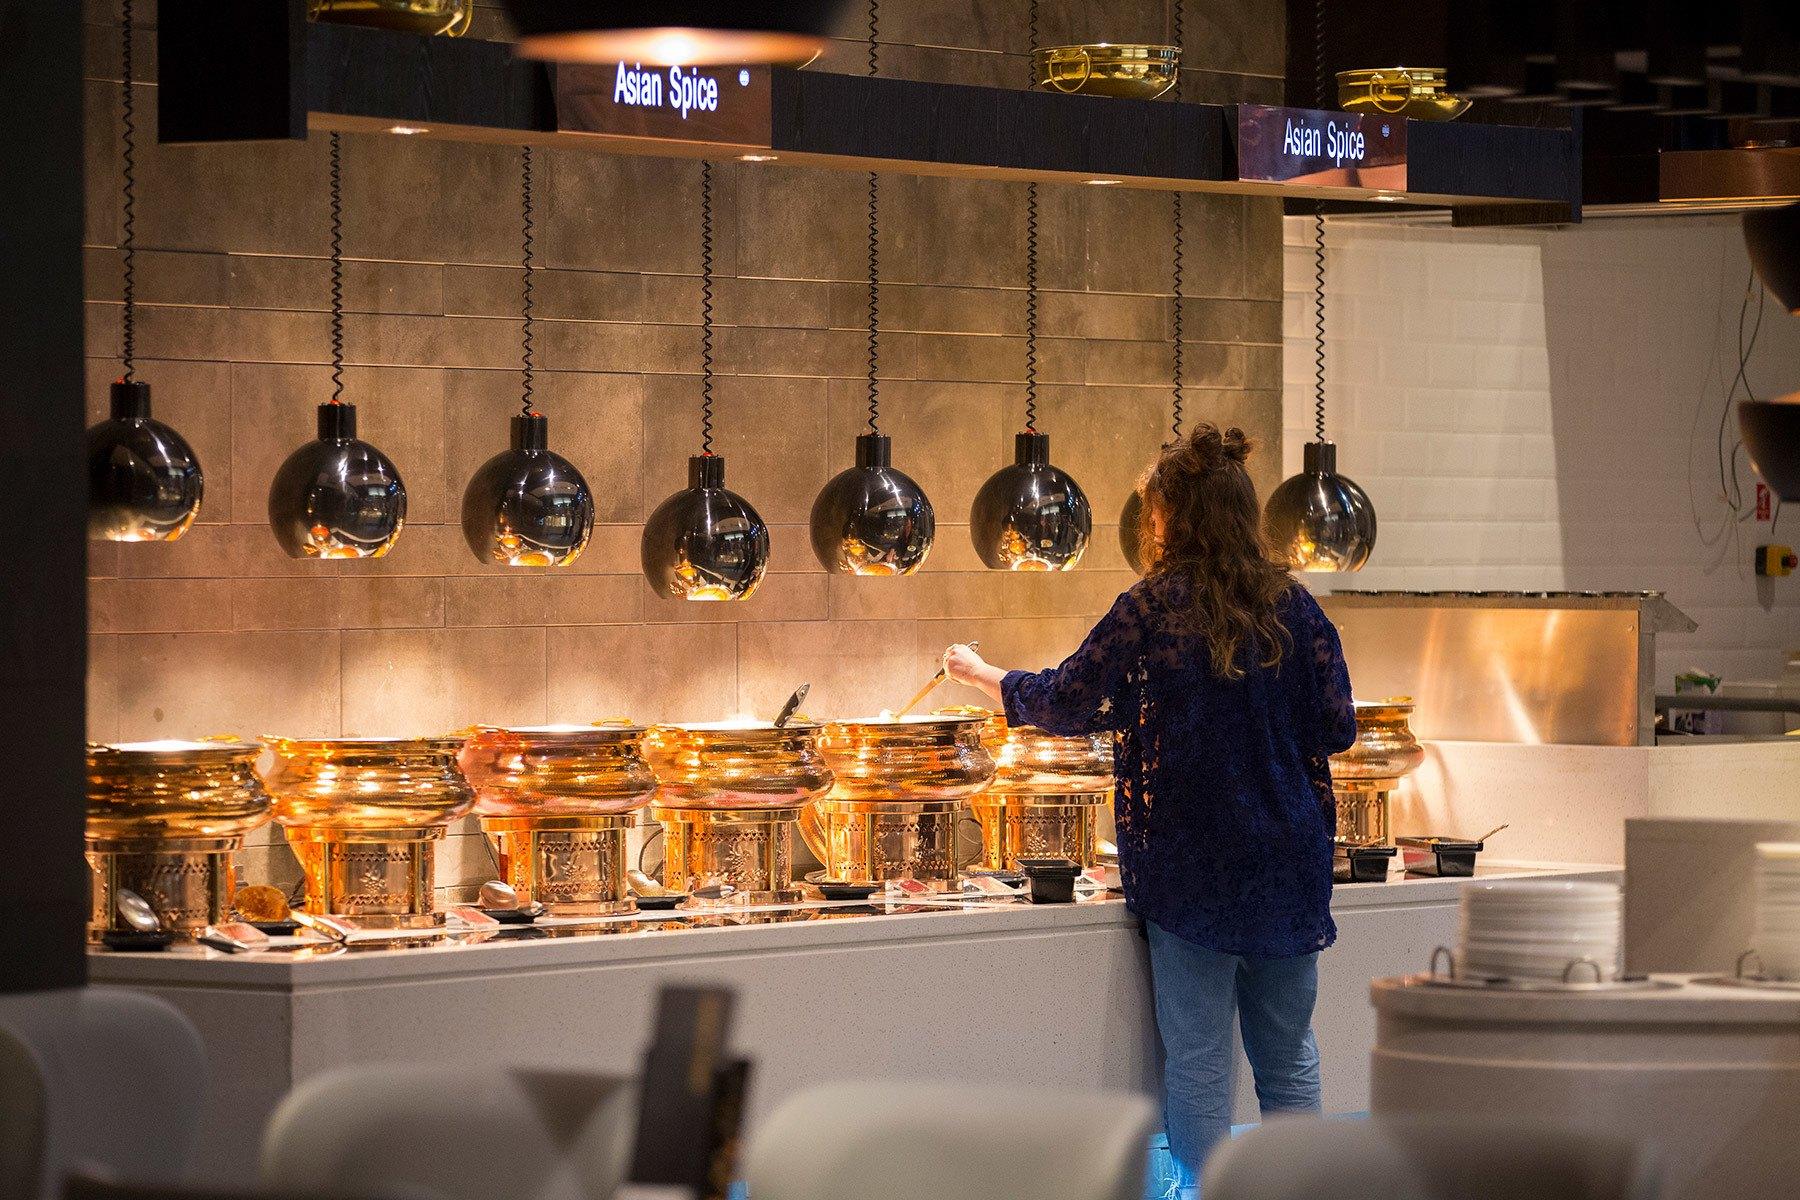 world buffet restaurants in aberdeen